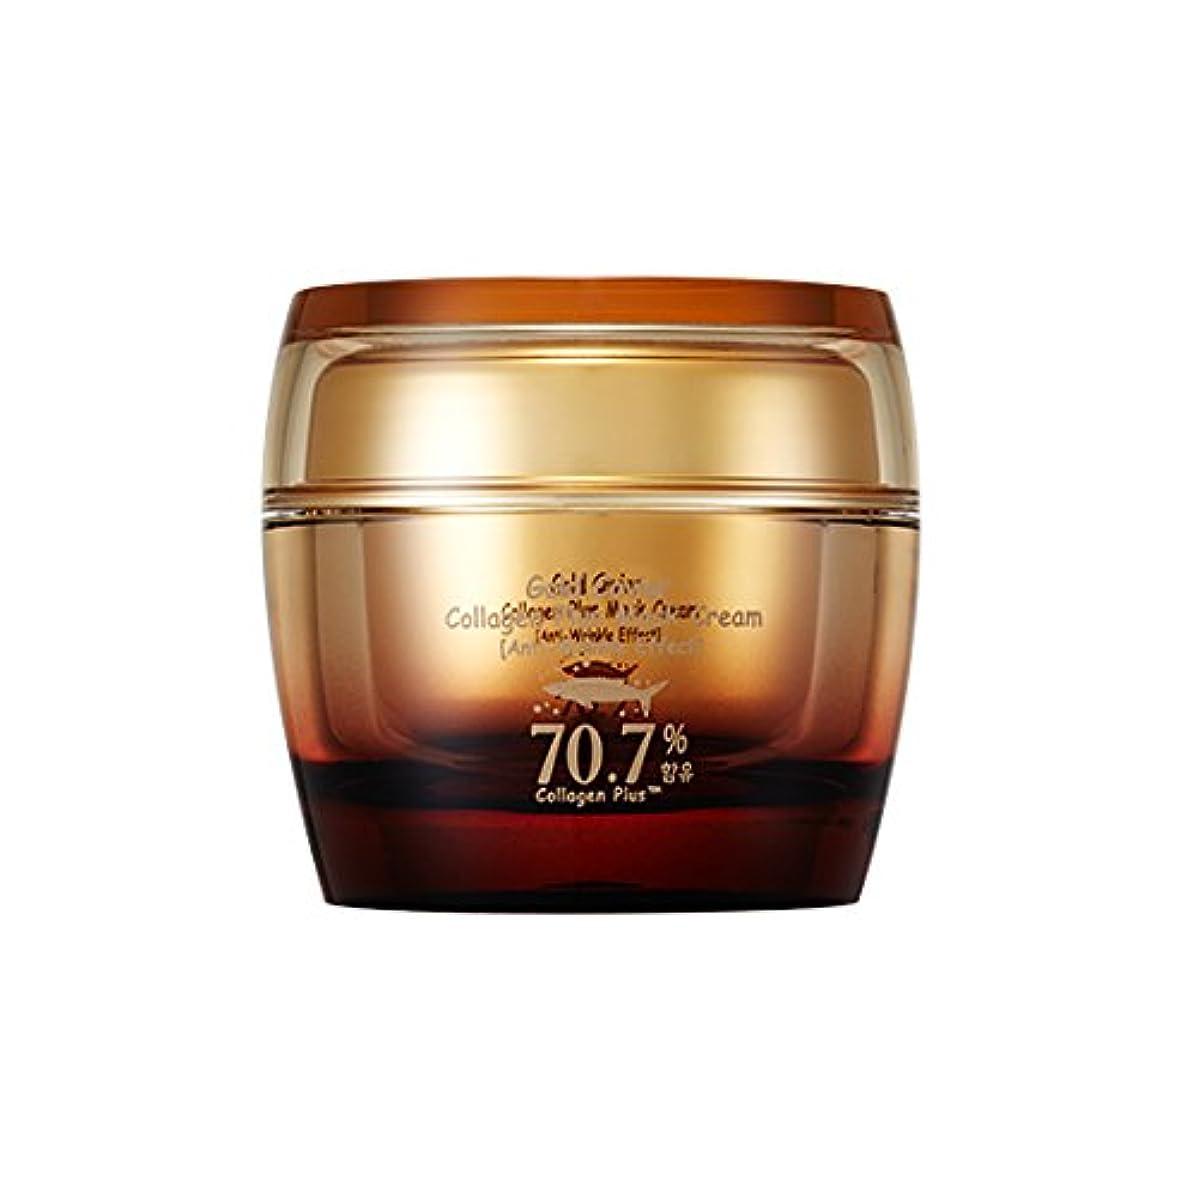 外交問題比喩セブンSkinfood ゴールドキャビアコラーゲンプラスクリーム(しわ防止効果) / Gold Caviar Collagen Plus Cream (Anti-Wrinkle Effect) 50g [並行輸入品]